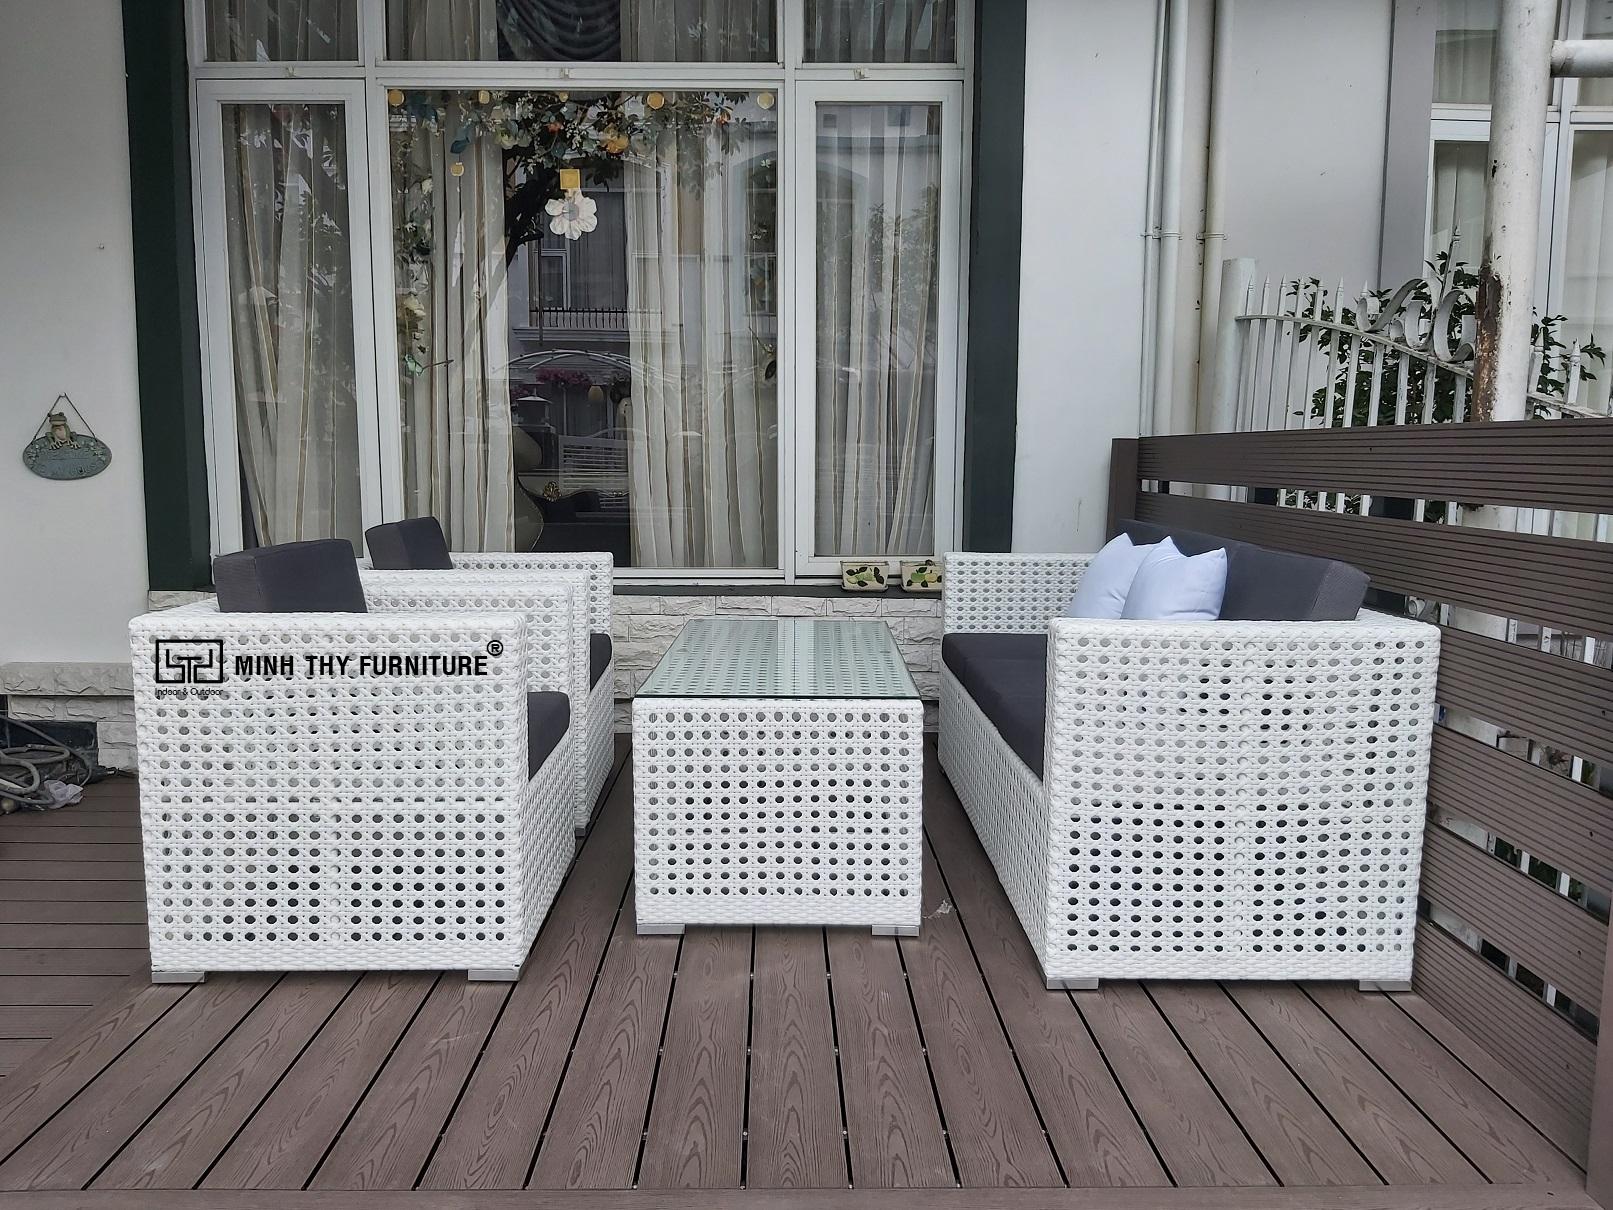 Bàn ghế mây nhựa chuyên dùng cho không gian ngoại thất sân vườn